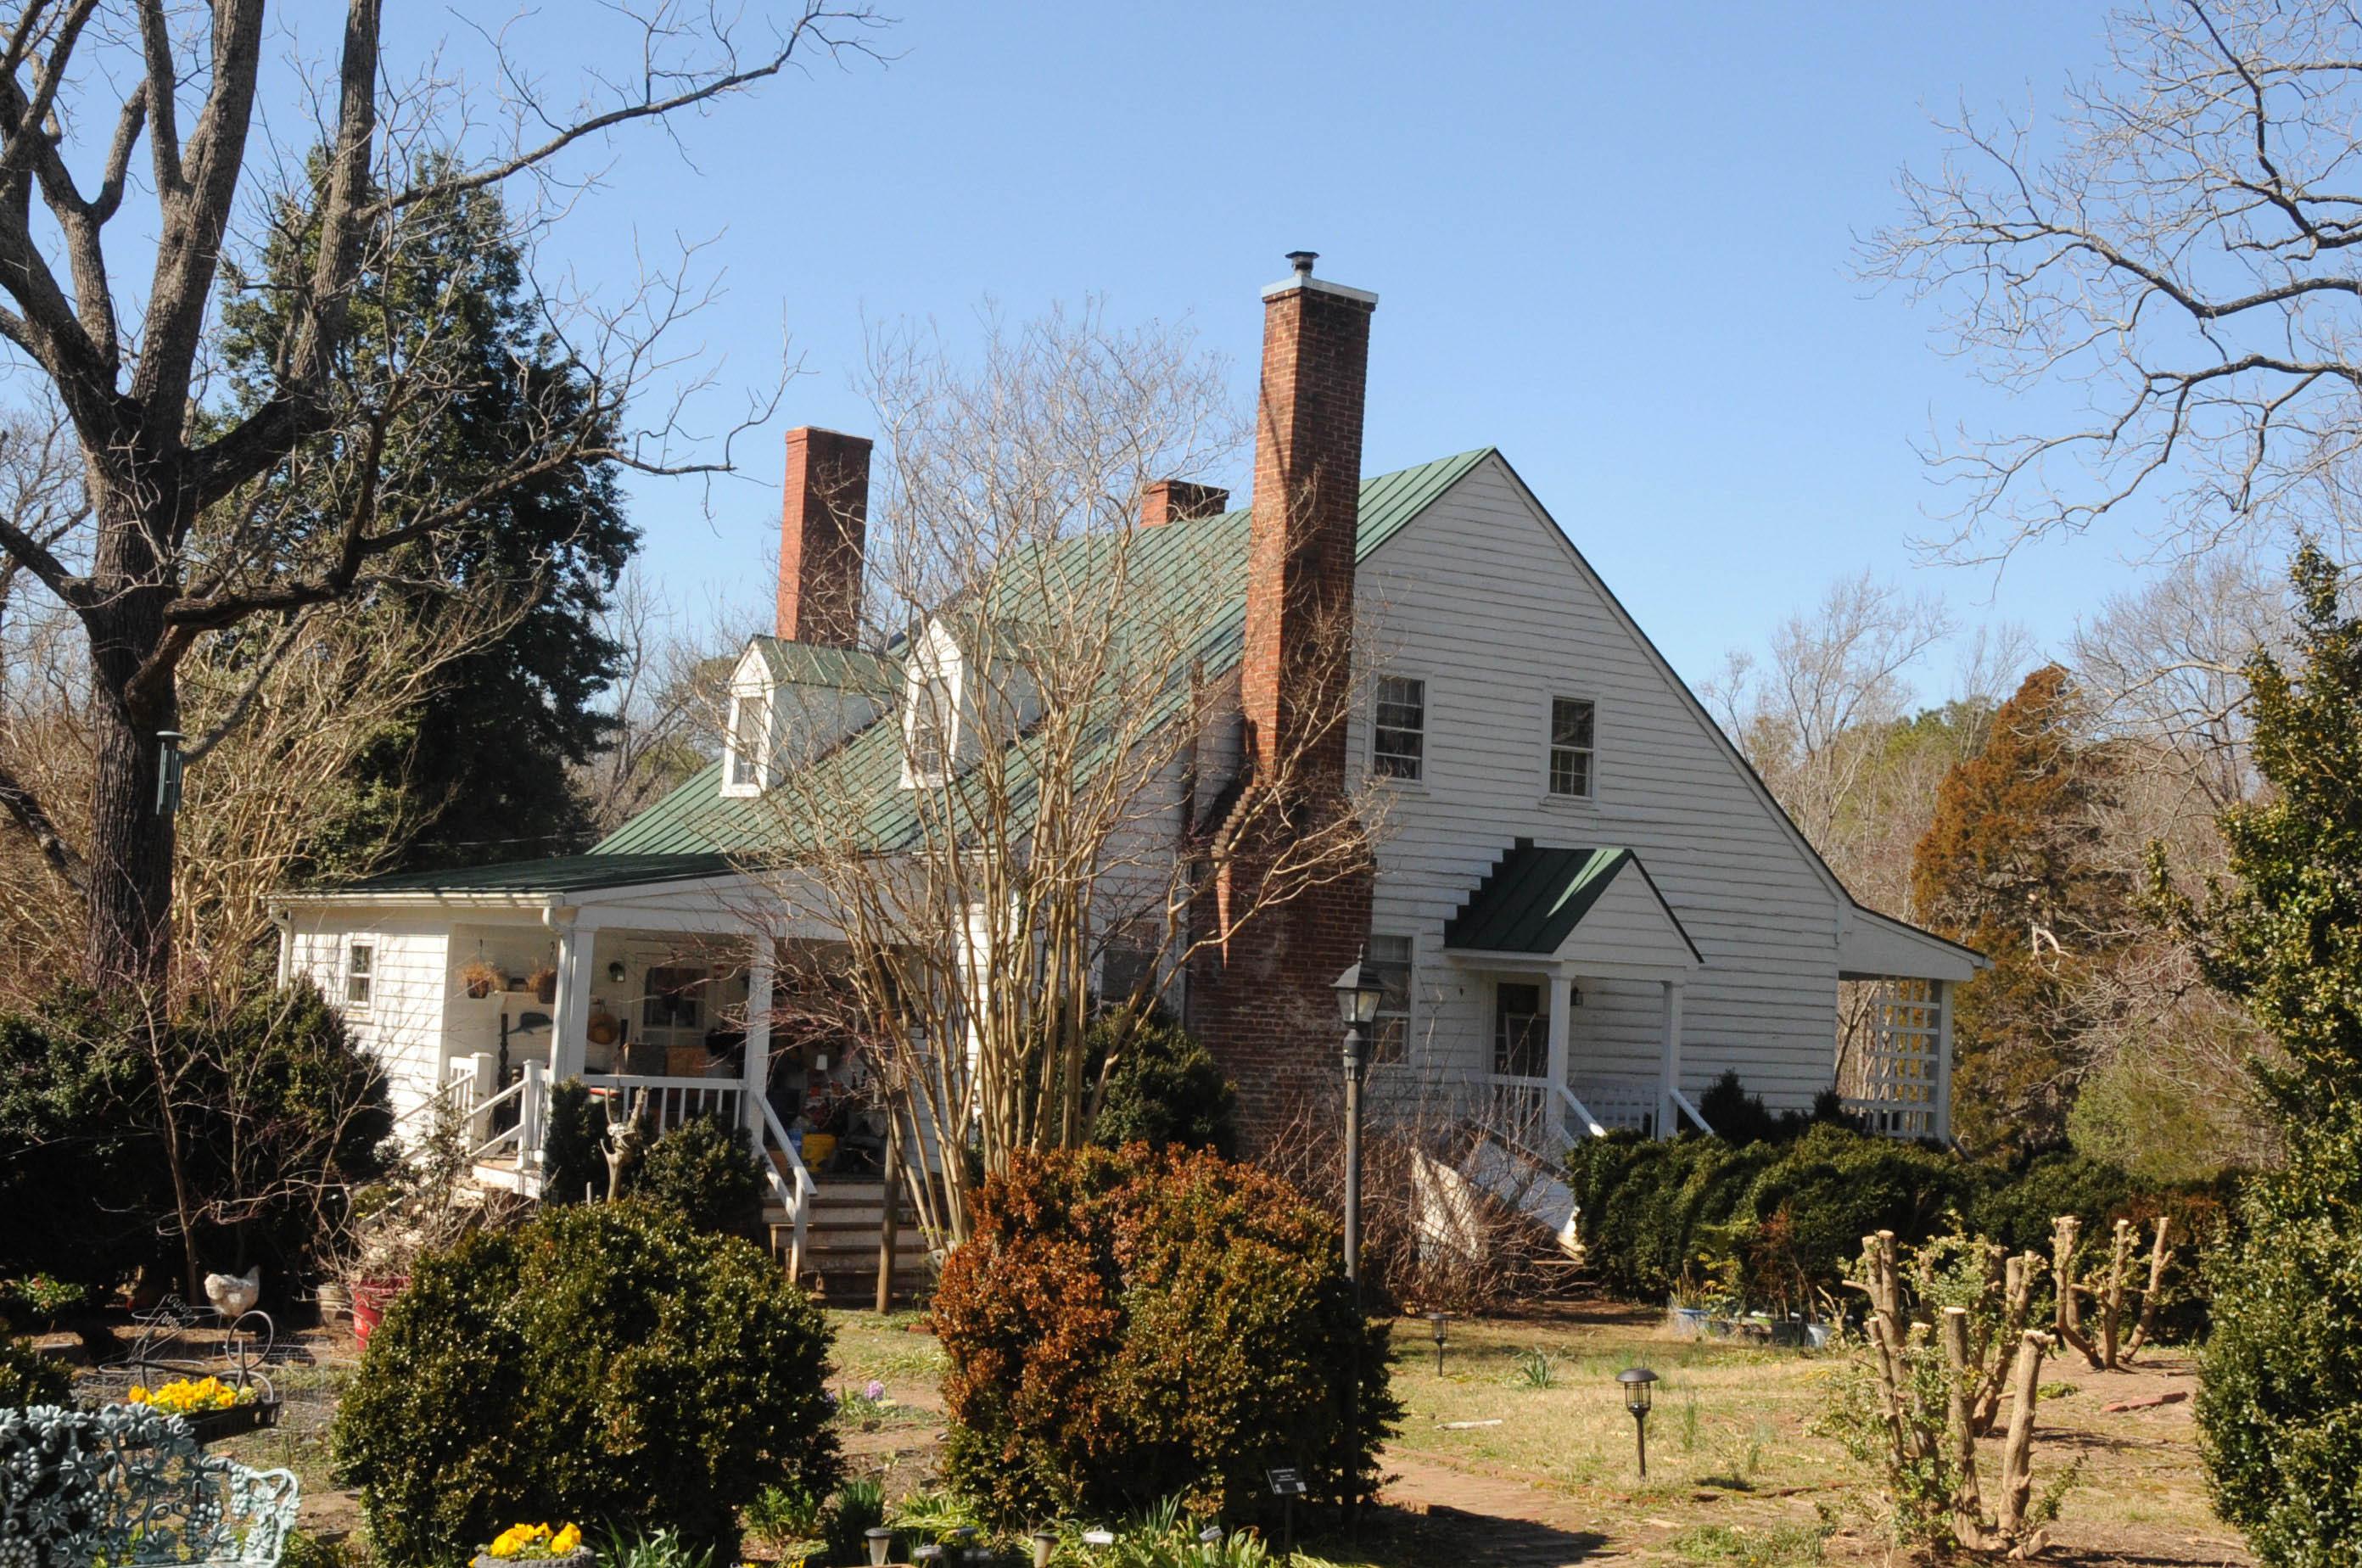 Fredericksburg Craigslist Housing